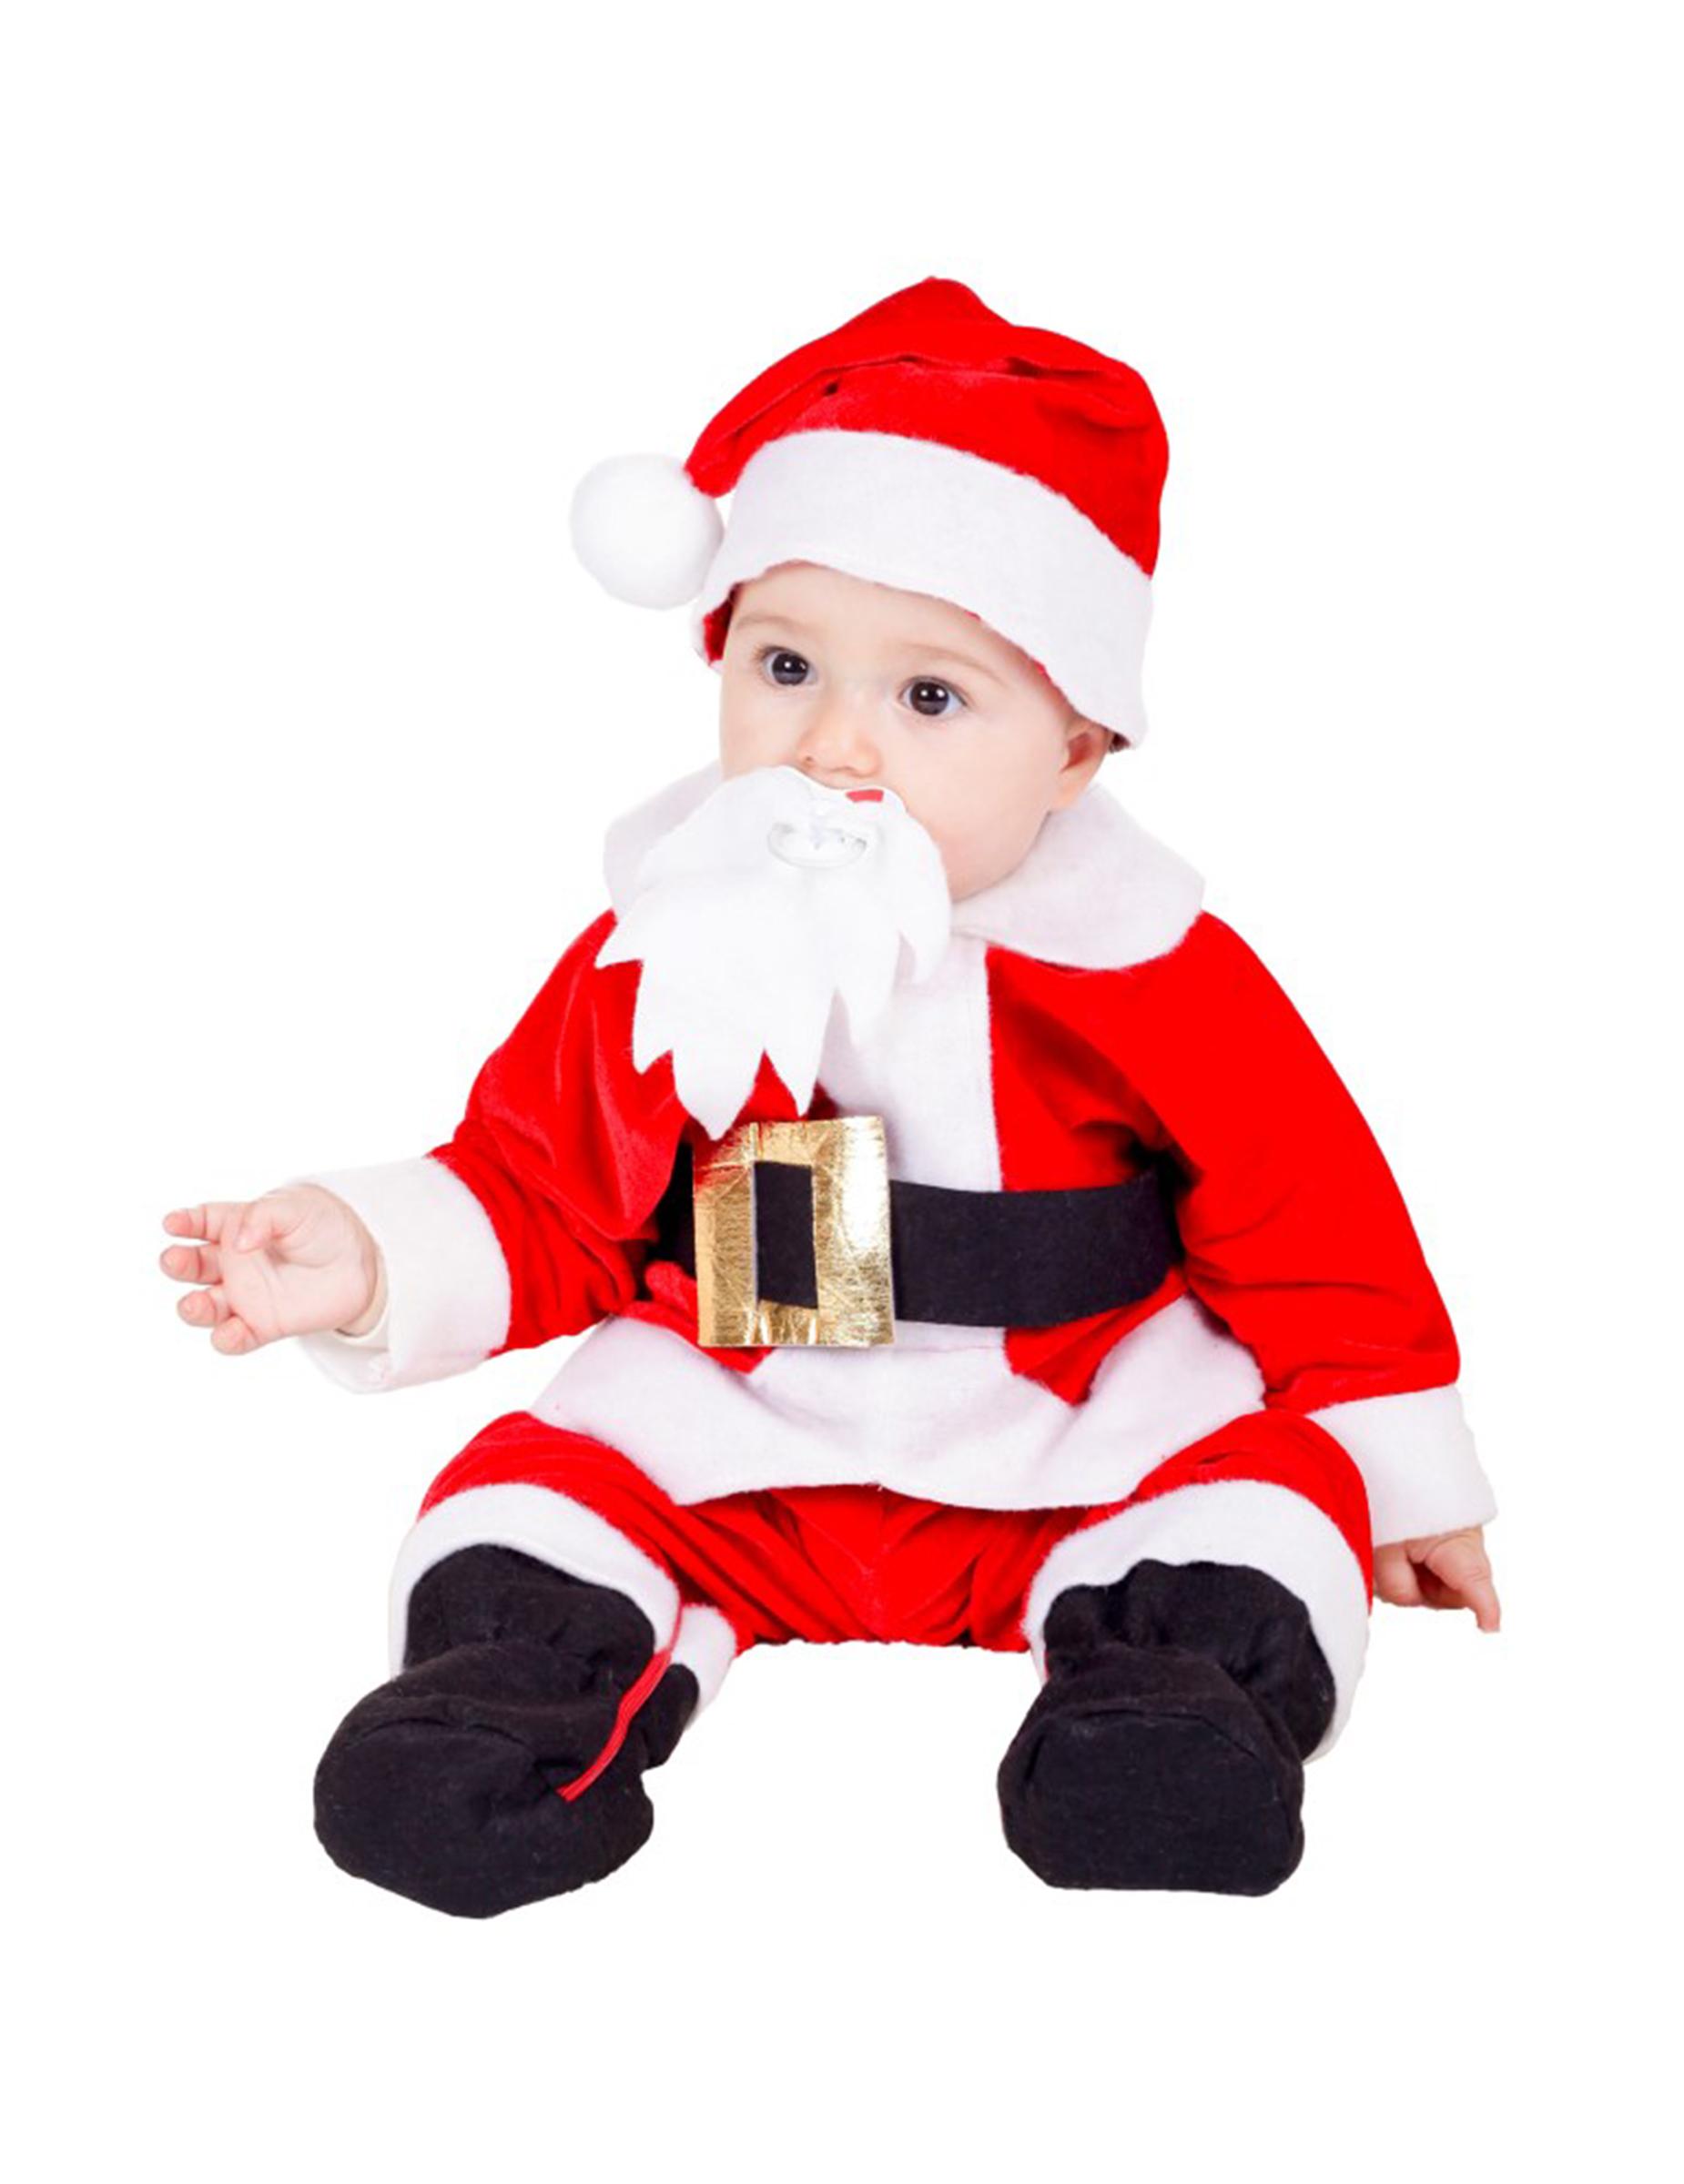 Disfraz De Papa Noel Bebe Premium Disfraces Ninosy Disfraces - Disfraces-papa-noel-bebe